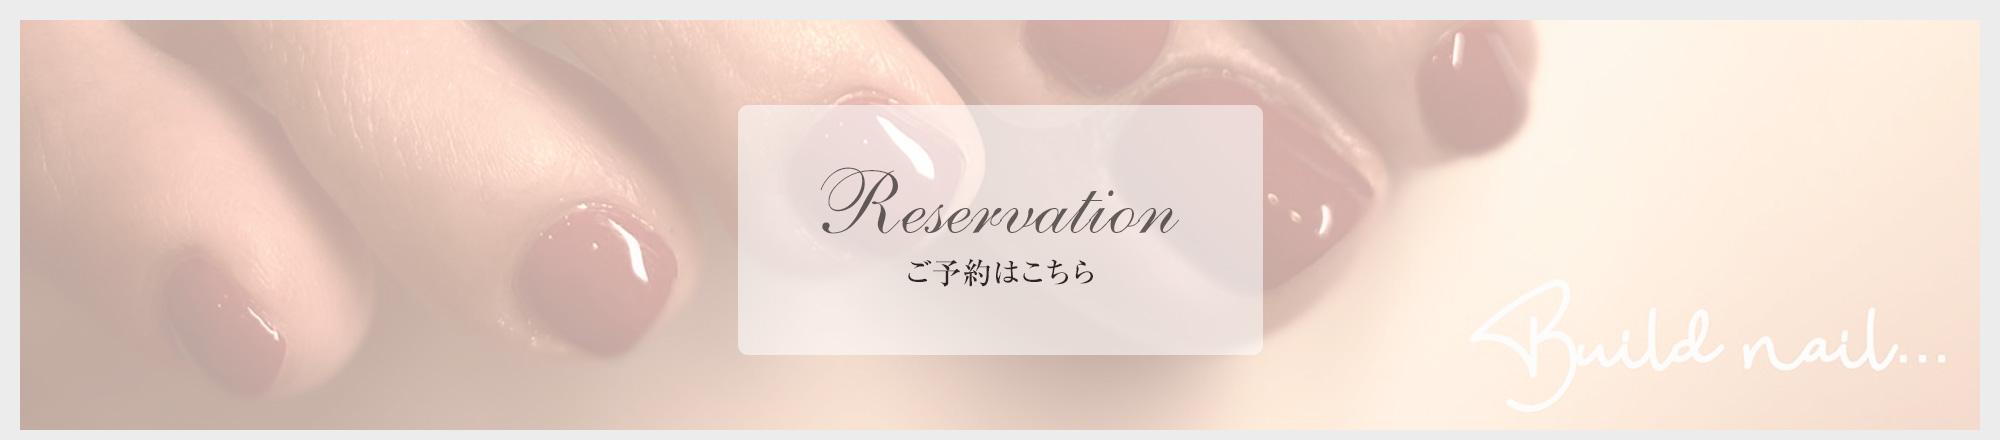 Reservation_banner_off